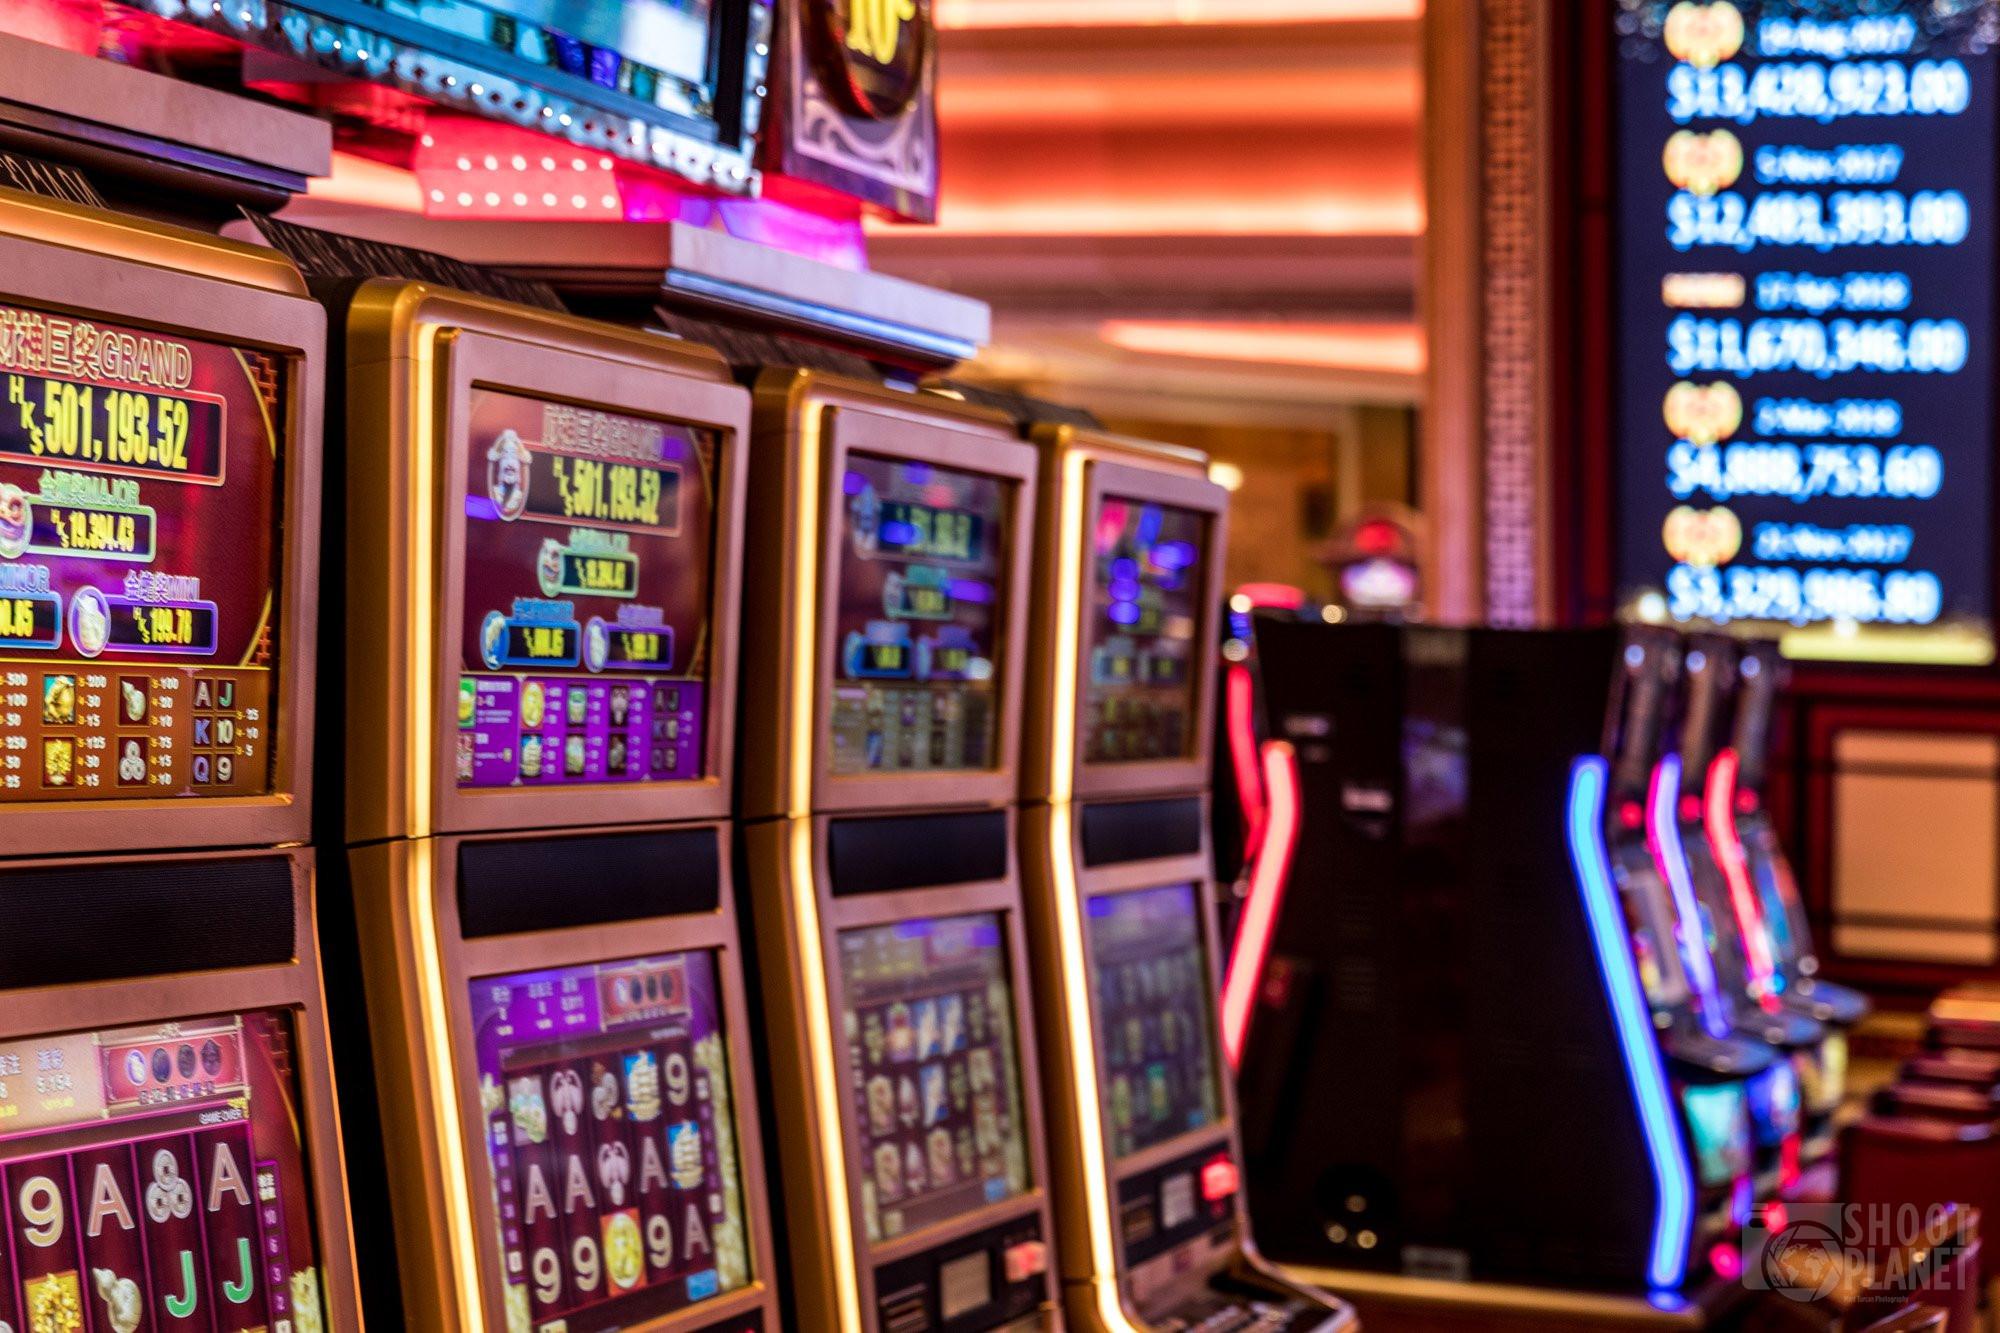 Casino machines in Macao China